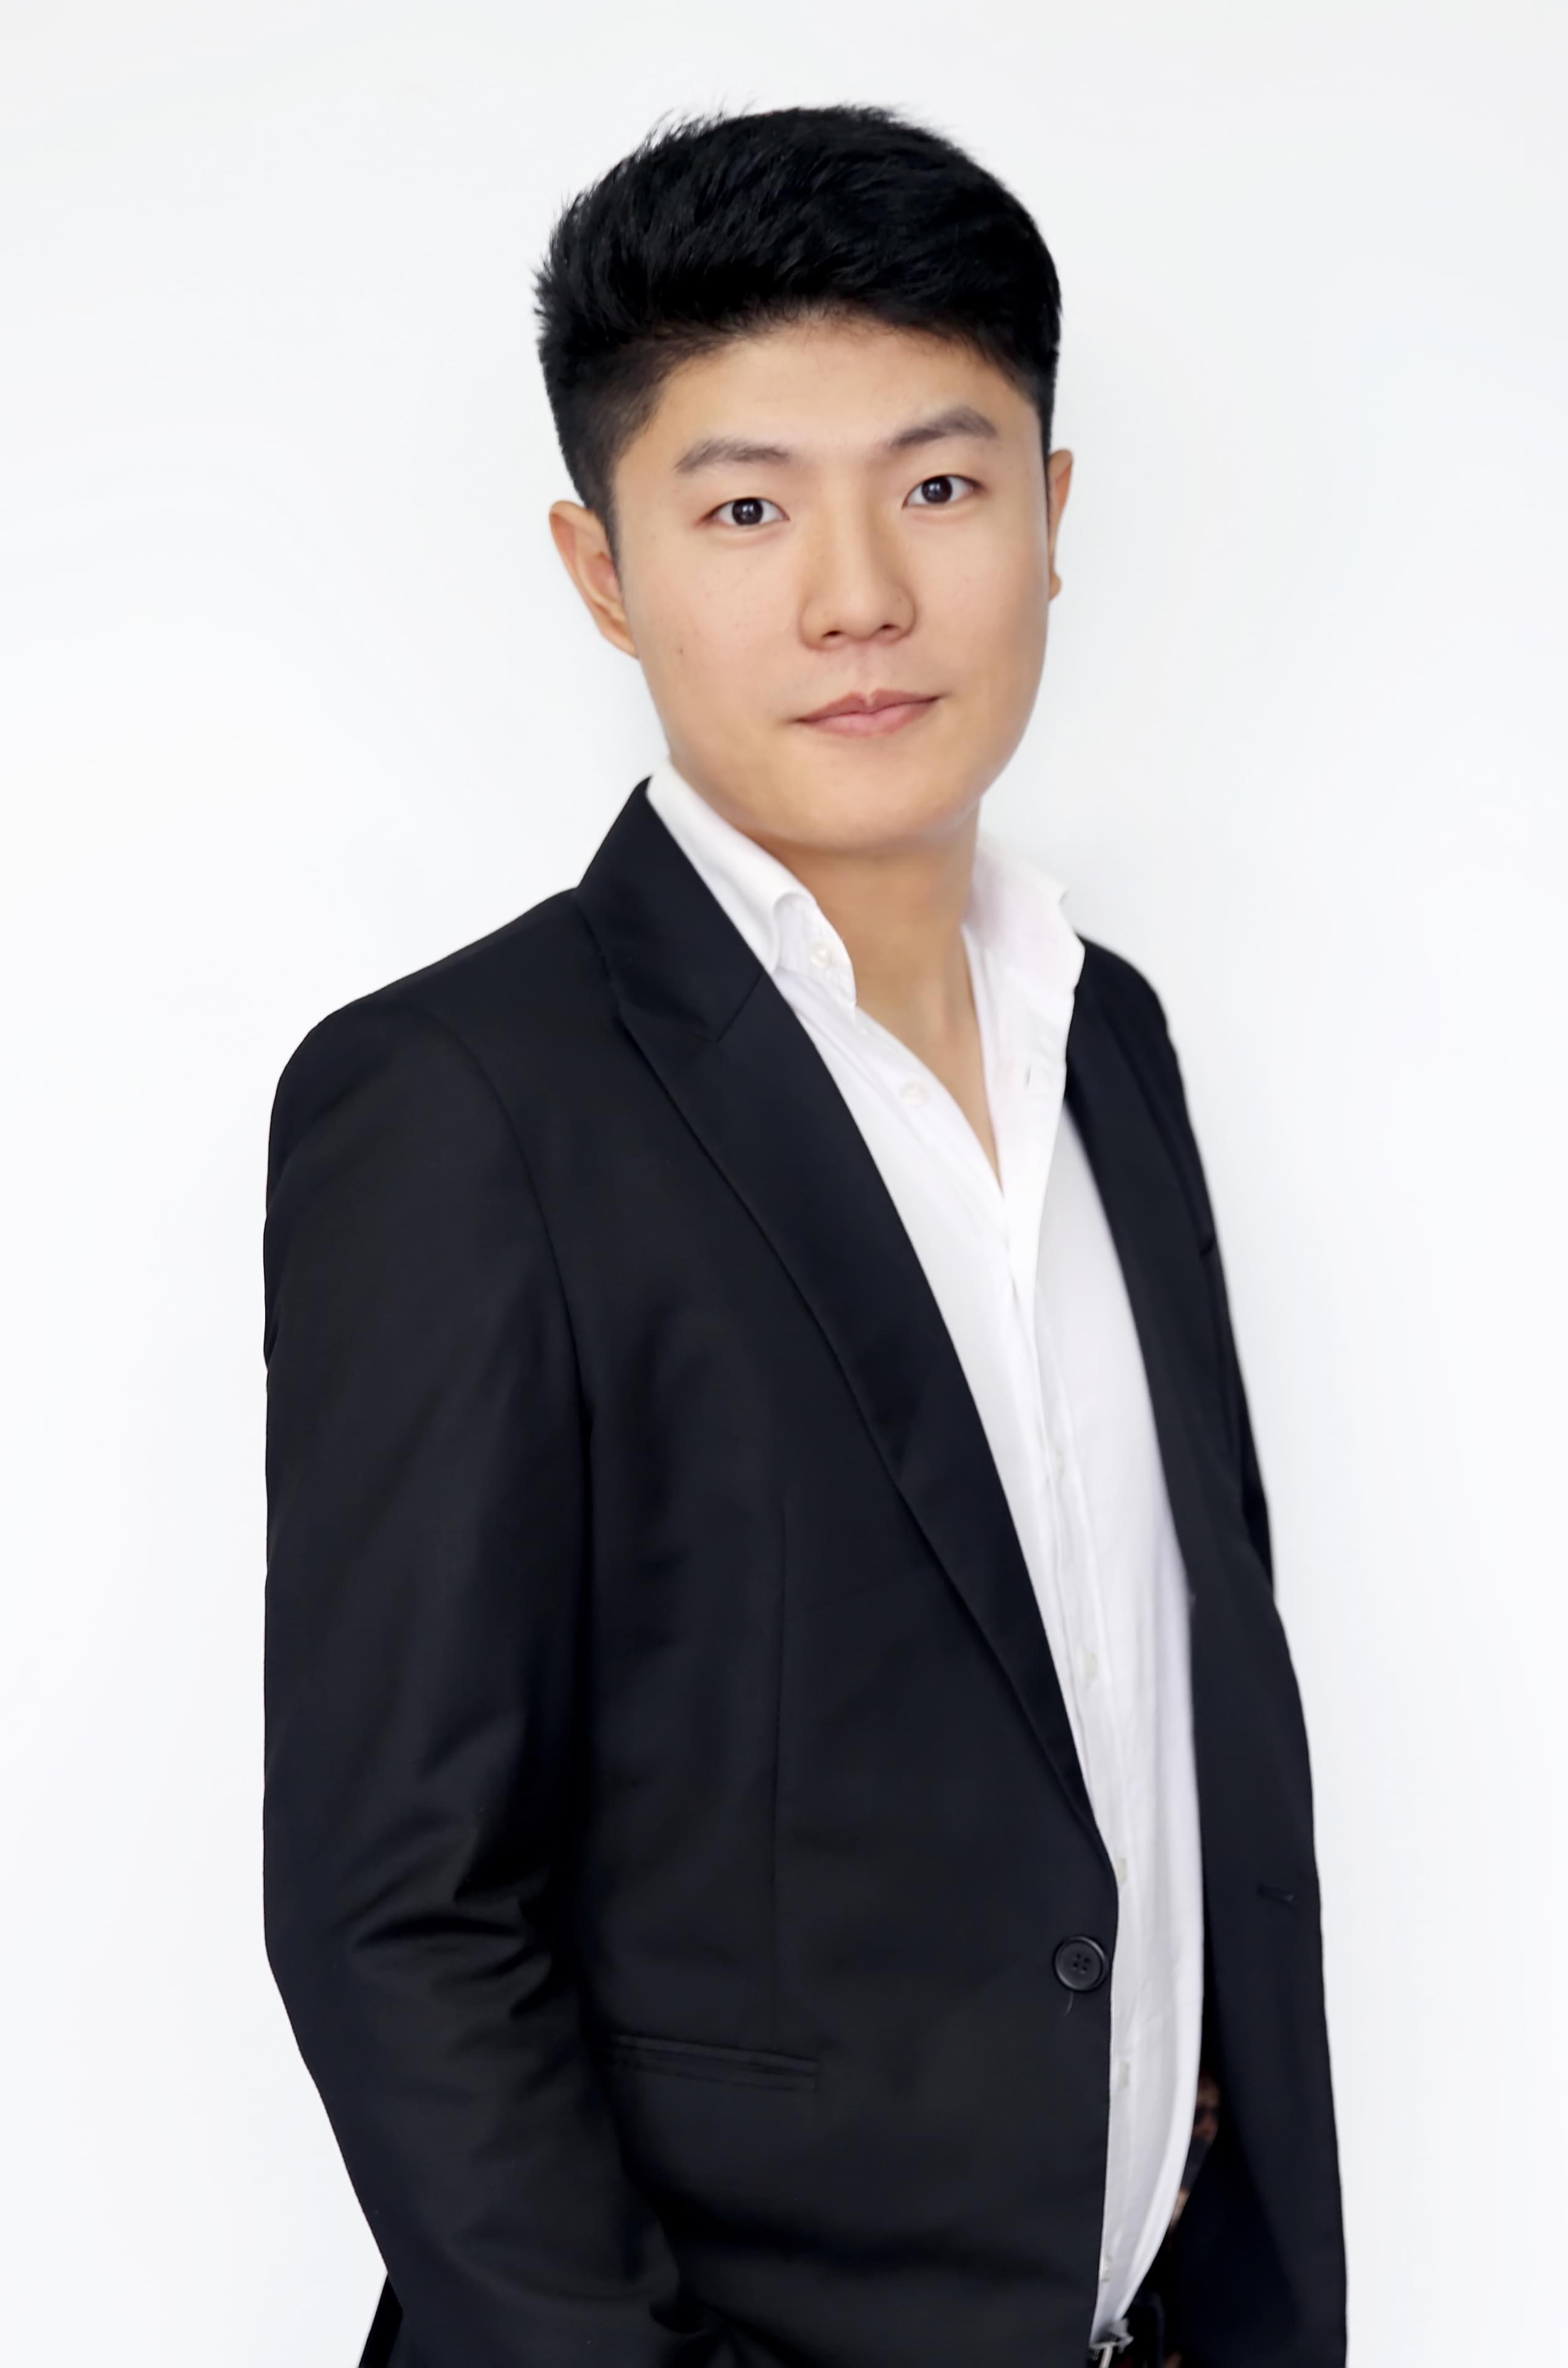 王泰斗 新东方前途出国北京国贸中心加拿大部顾问